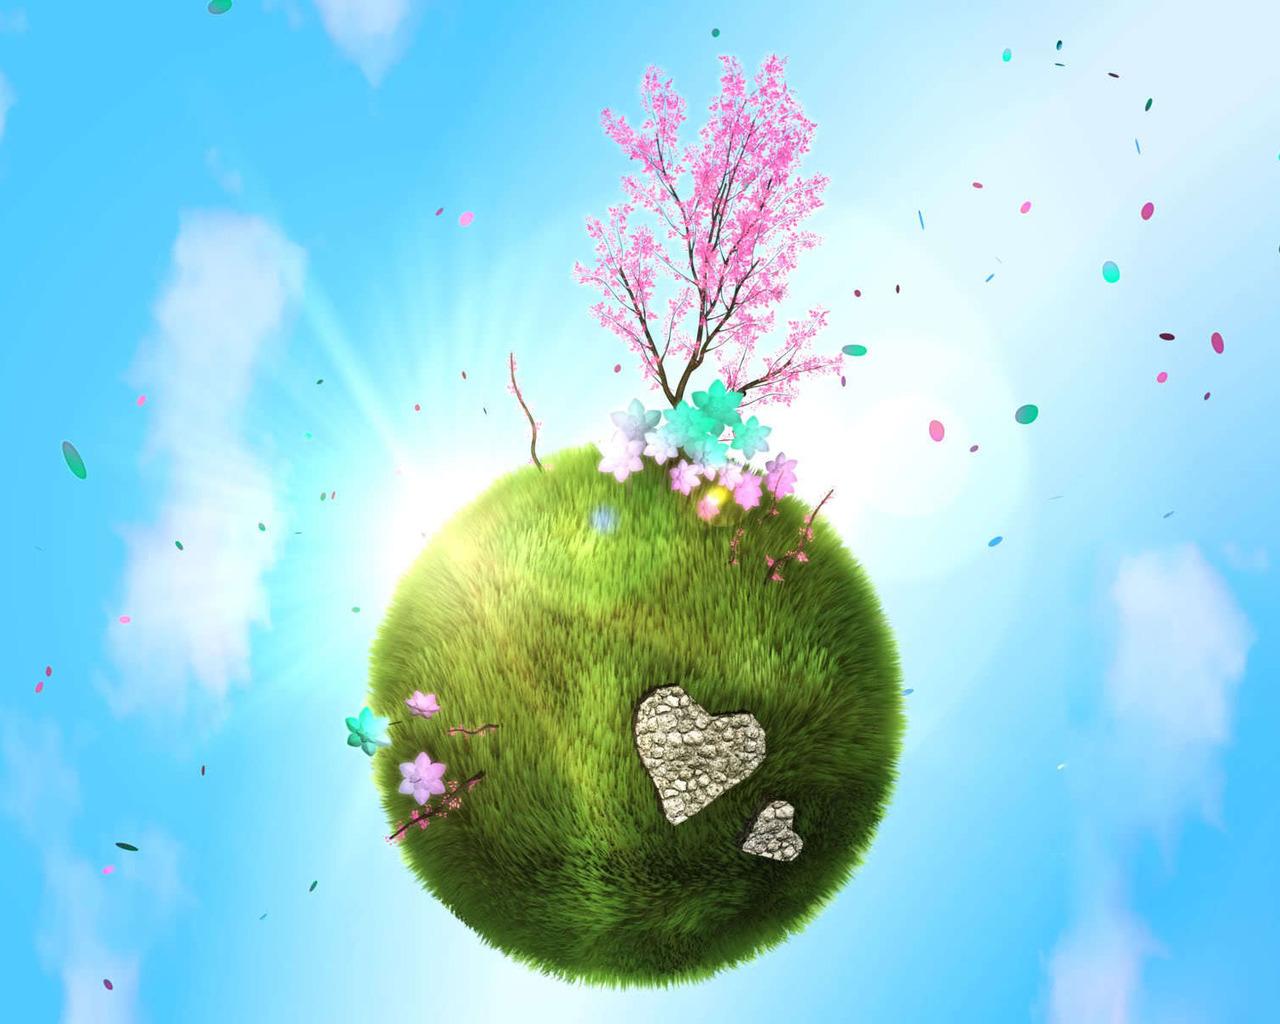 21591 скачать обои Деревья, Трава, Небо, Рисунки - заставки и картинки бесплатно